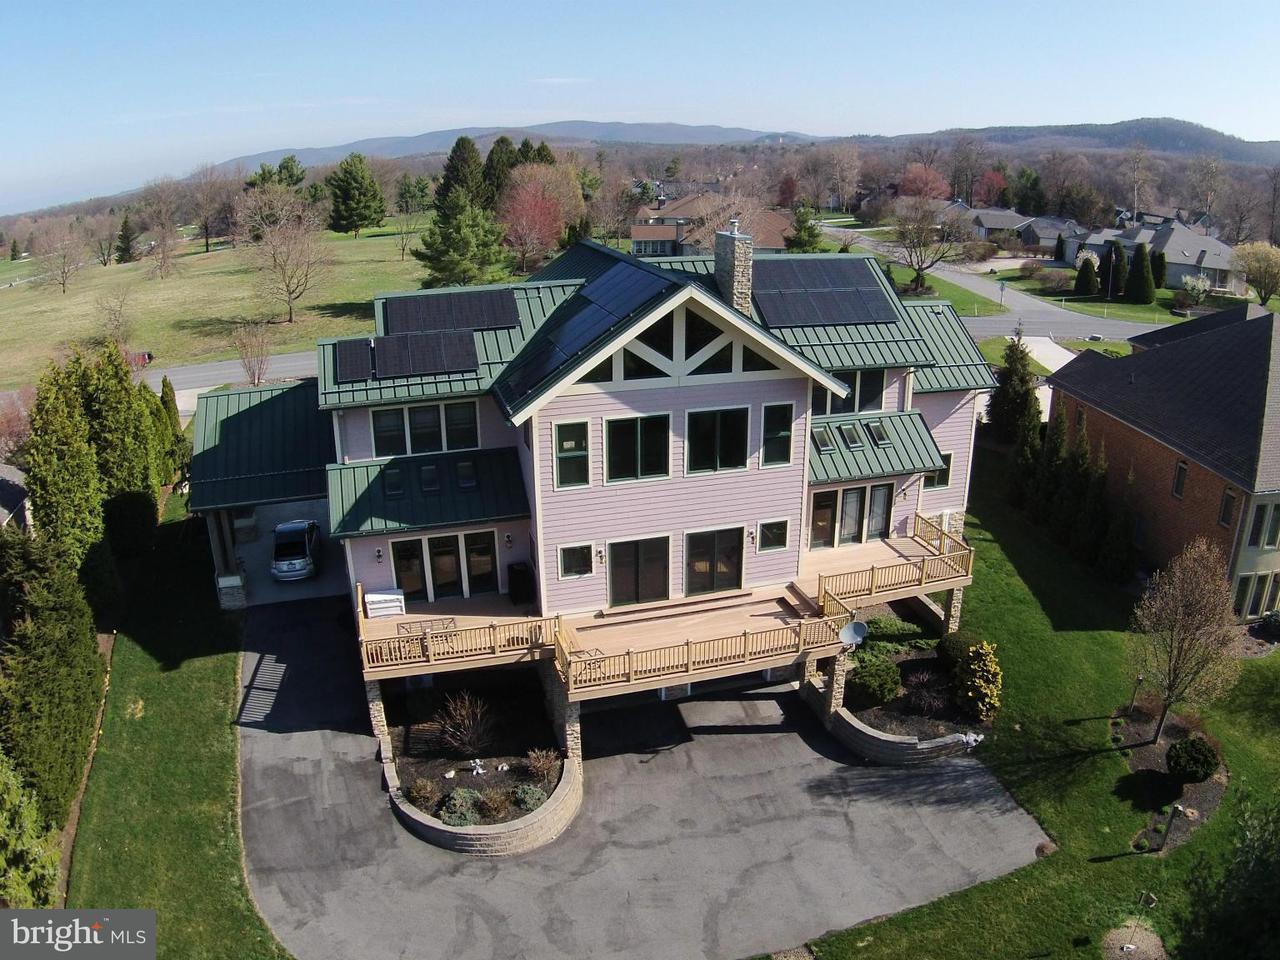 Частный односемейный дом для того Продажа на 6740 Saint Annes Drive 6740 Saint Annes Drive Fayetteville, Пенсильвания 17222 Соединенные Штаты